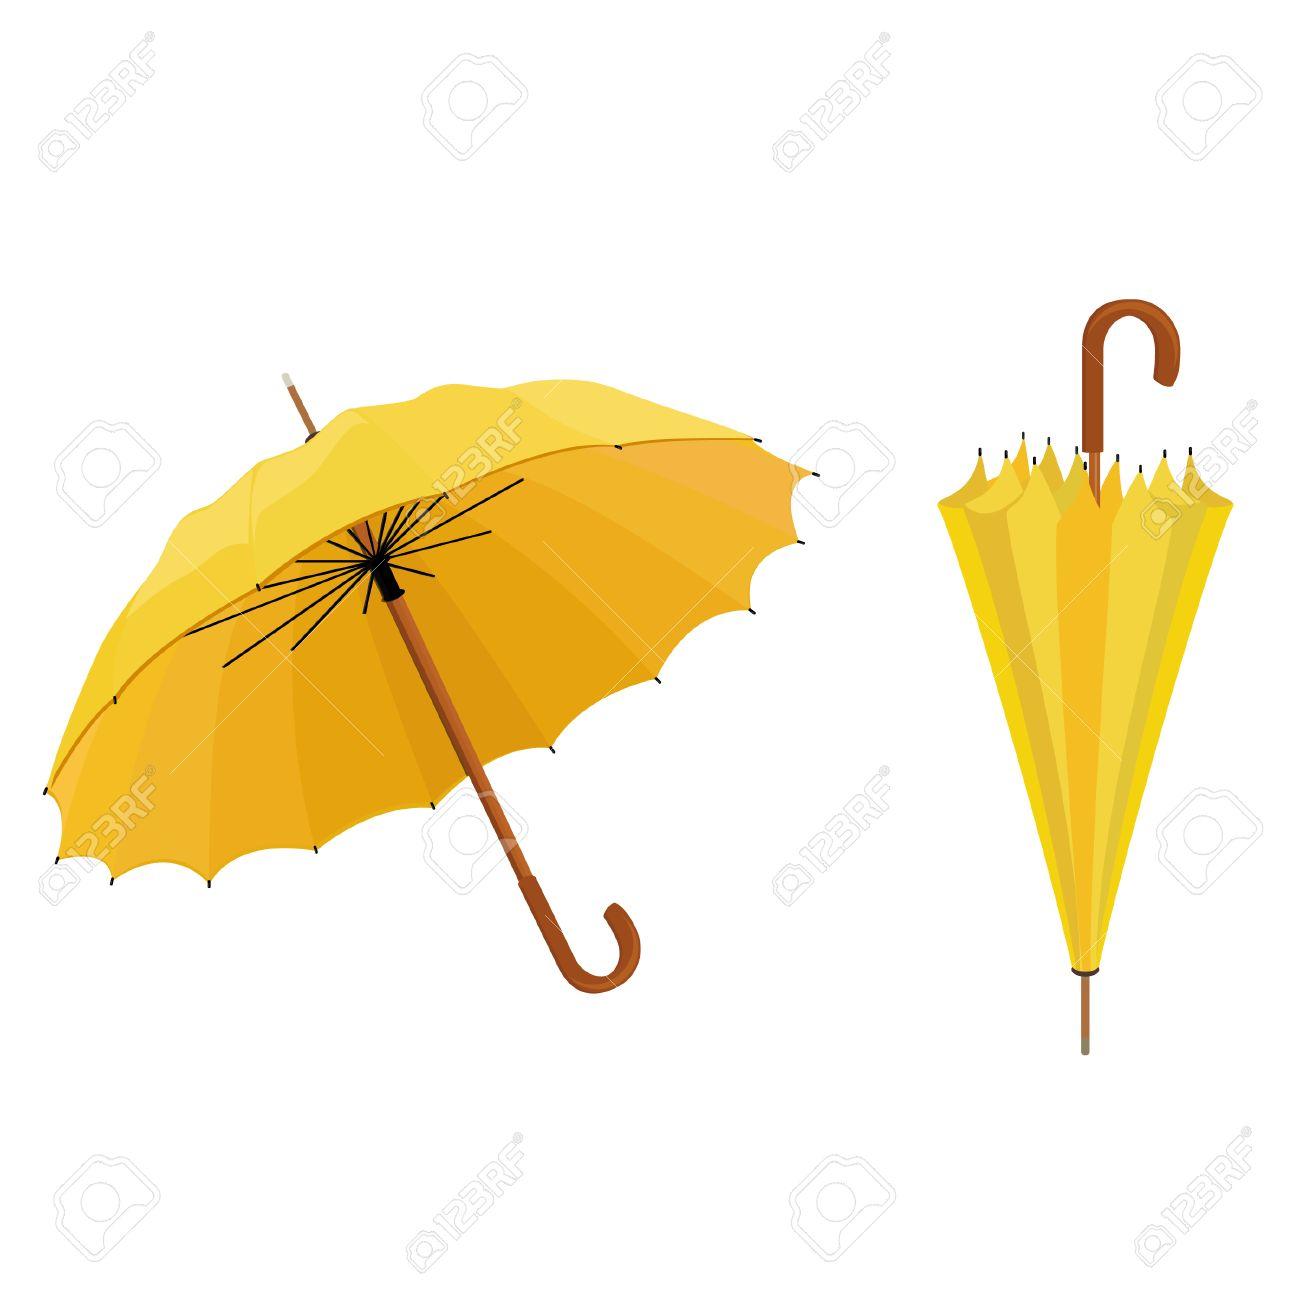 c6f27bf75 Two yellow umbrellas opened and closed vector illustration. Umbrella rain,  umbrella icon Stock Vector